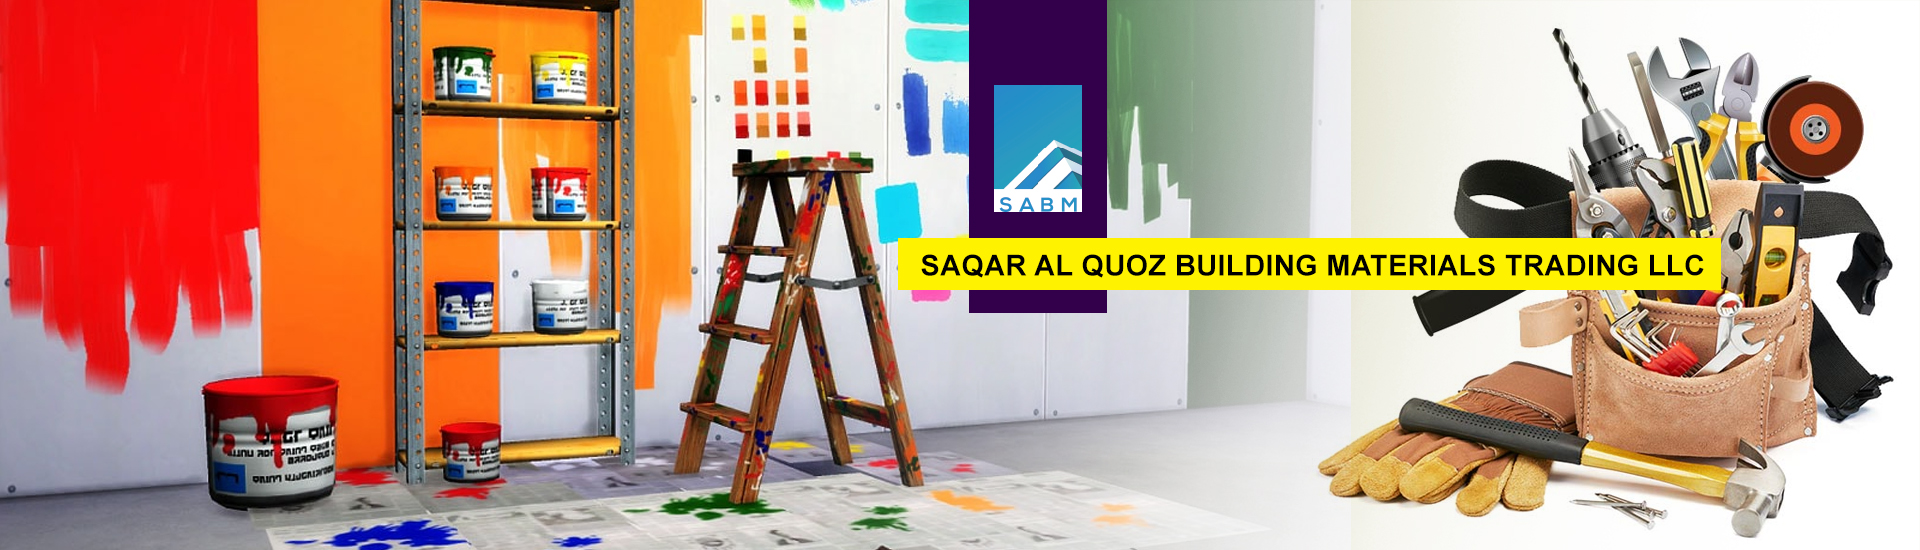 SAQAR AL QUOZ BUILDING MATERIALS TRADING LLC